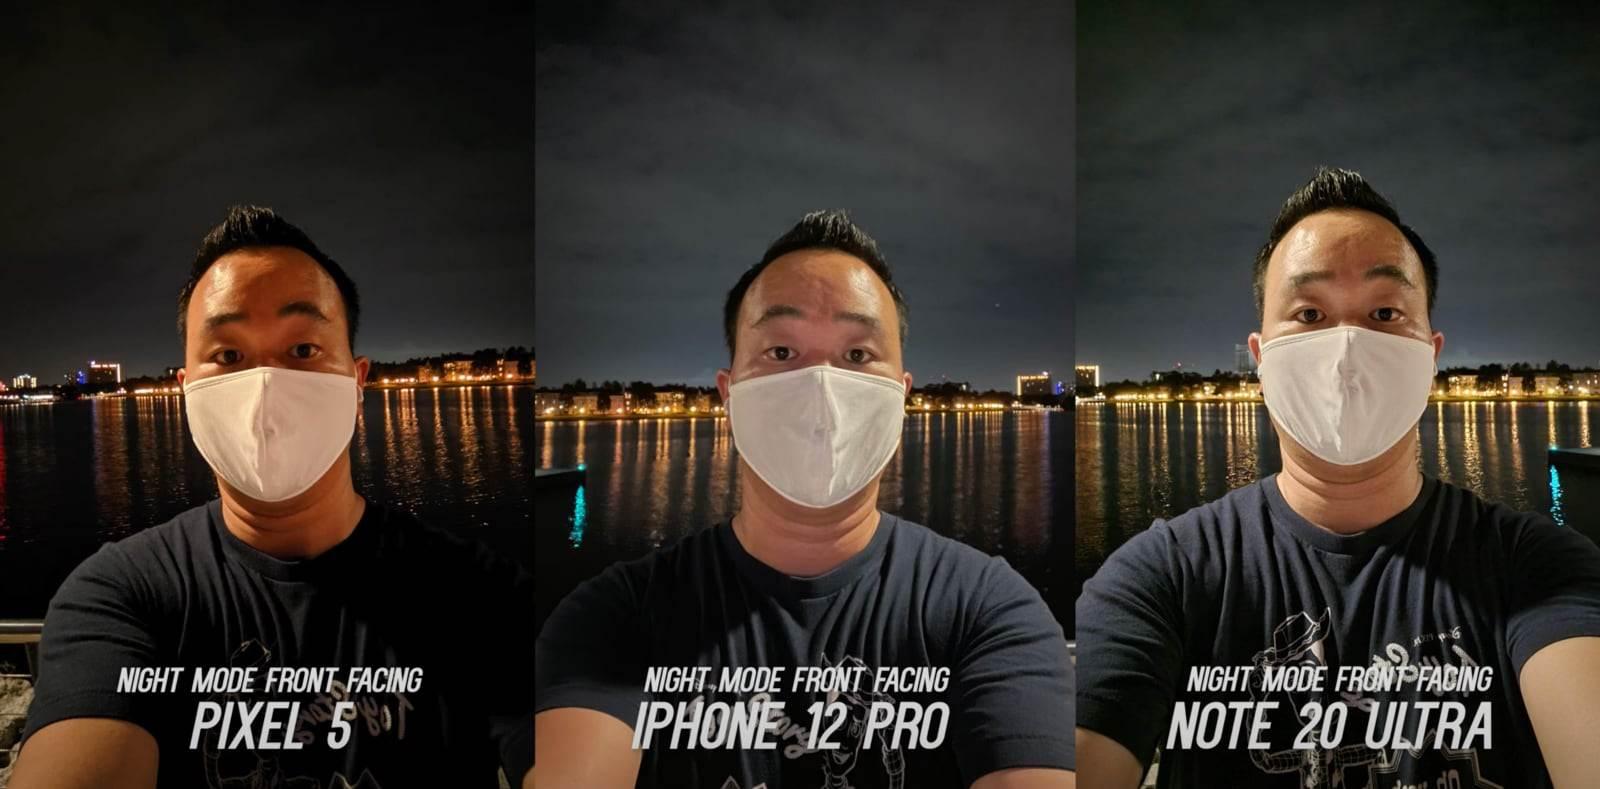 iPhone 12 Pro vs. Pixel 5 vs. Galaxy Note20 Ultra - porównanie zdjęć w trybie nocnym polecane, ciekawostki zdjecia w trybie nocnym, zdjęcia w trybie nocnym, zdjęcia w nocy, zdjęcia nocne, tryb nocny w iPhone 12 Pro, tryb nocny, porównanie zdjęc, jakie zdjęcia robi iPhone 12 Pro, iPhone 12 Pro, iPhone 12 i zdjęcia nocne, Apple  Porównań i testów iPhone 12 Pro ciąg dalszy. Dziś chcemy Wam przedstawić test aparatu najnowszego smartfona Apple, a dokładniej trybu nocnego. iphone12propixel5note20ultra5